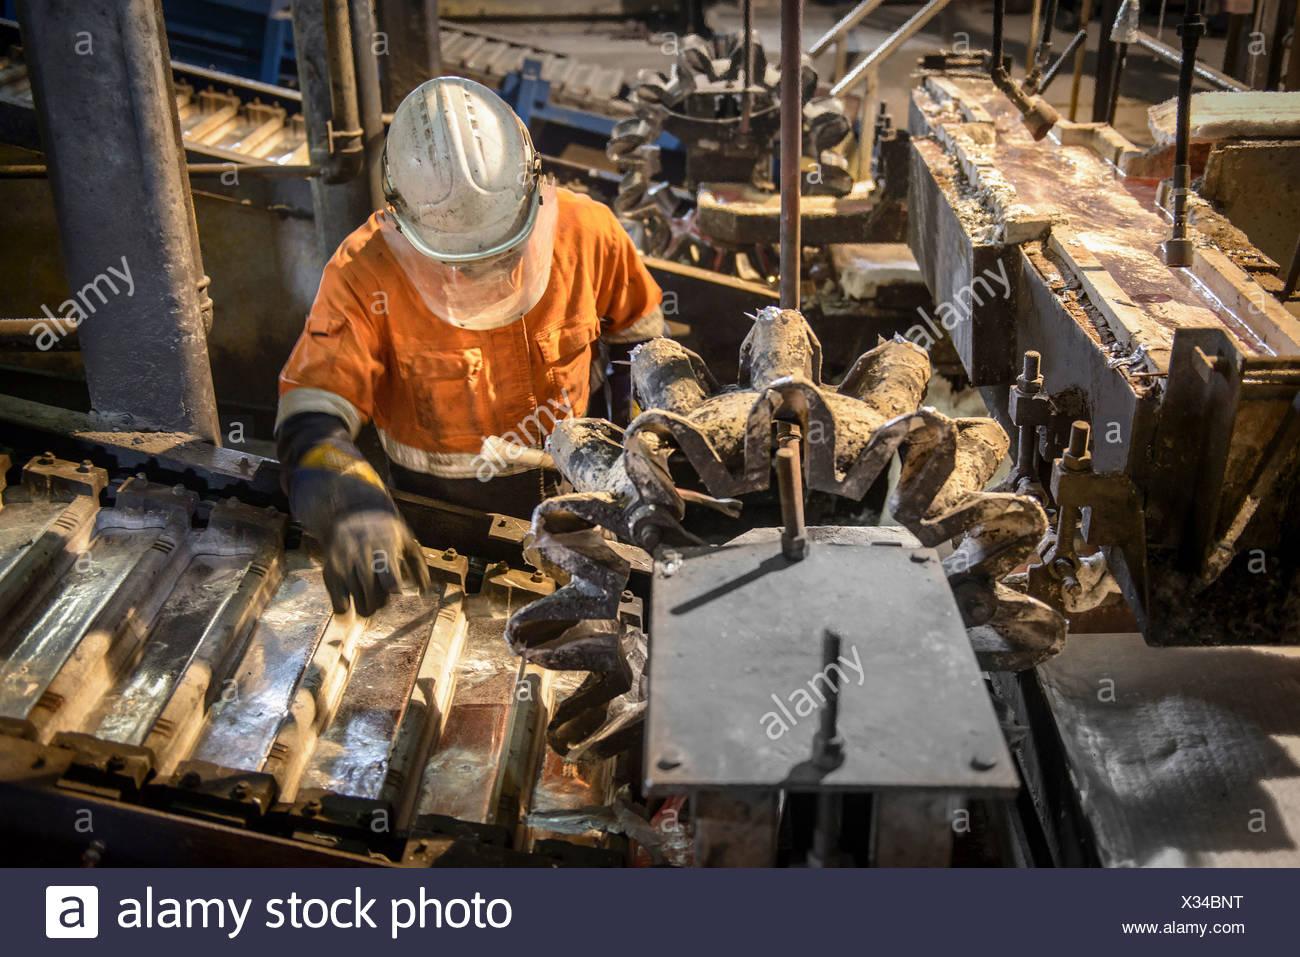 Test des travailleurs les lingots de métal à l'usine de recyclage de l'aluminium Photo Stock